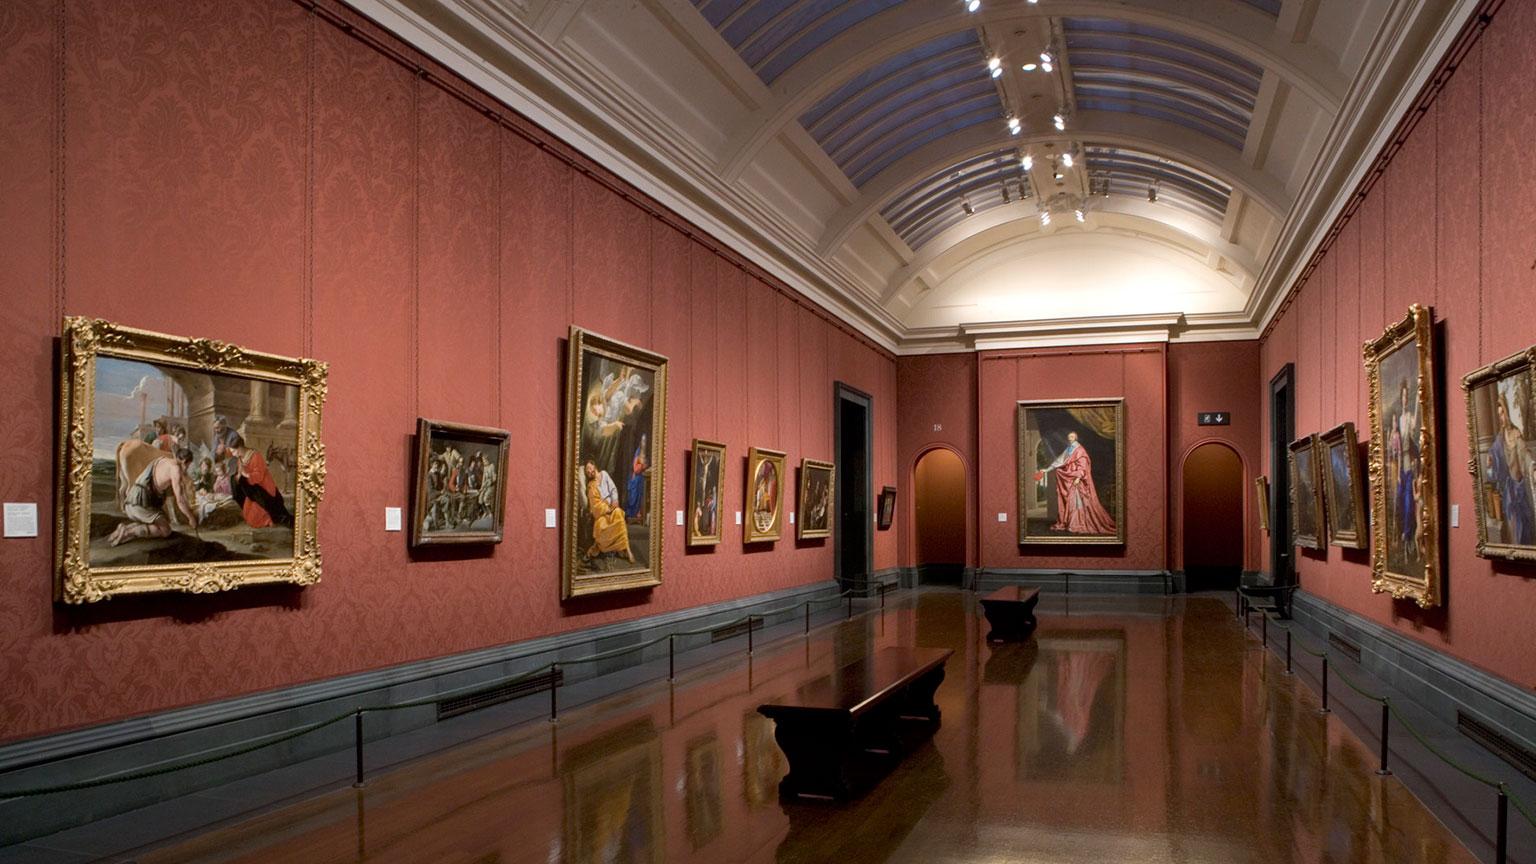 Смотреть фото галереи картинки, красивенькая скачет на члене